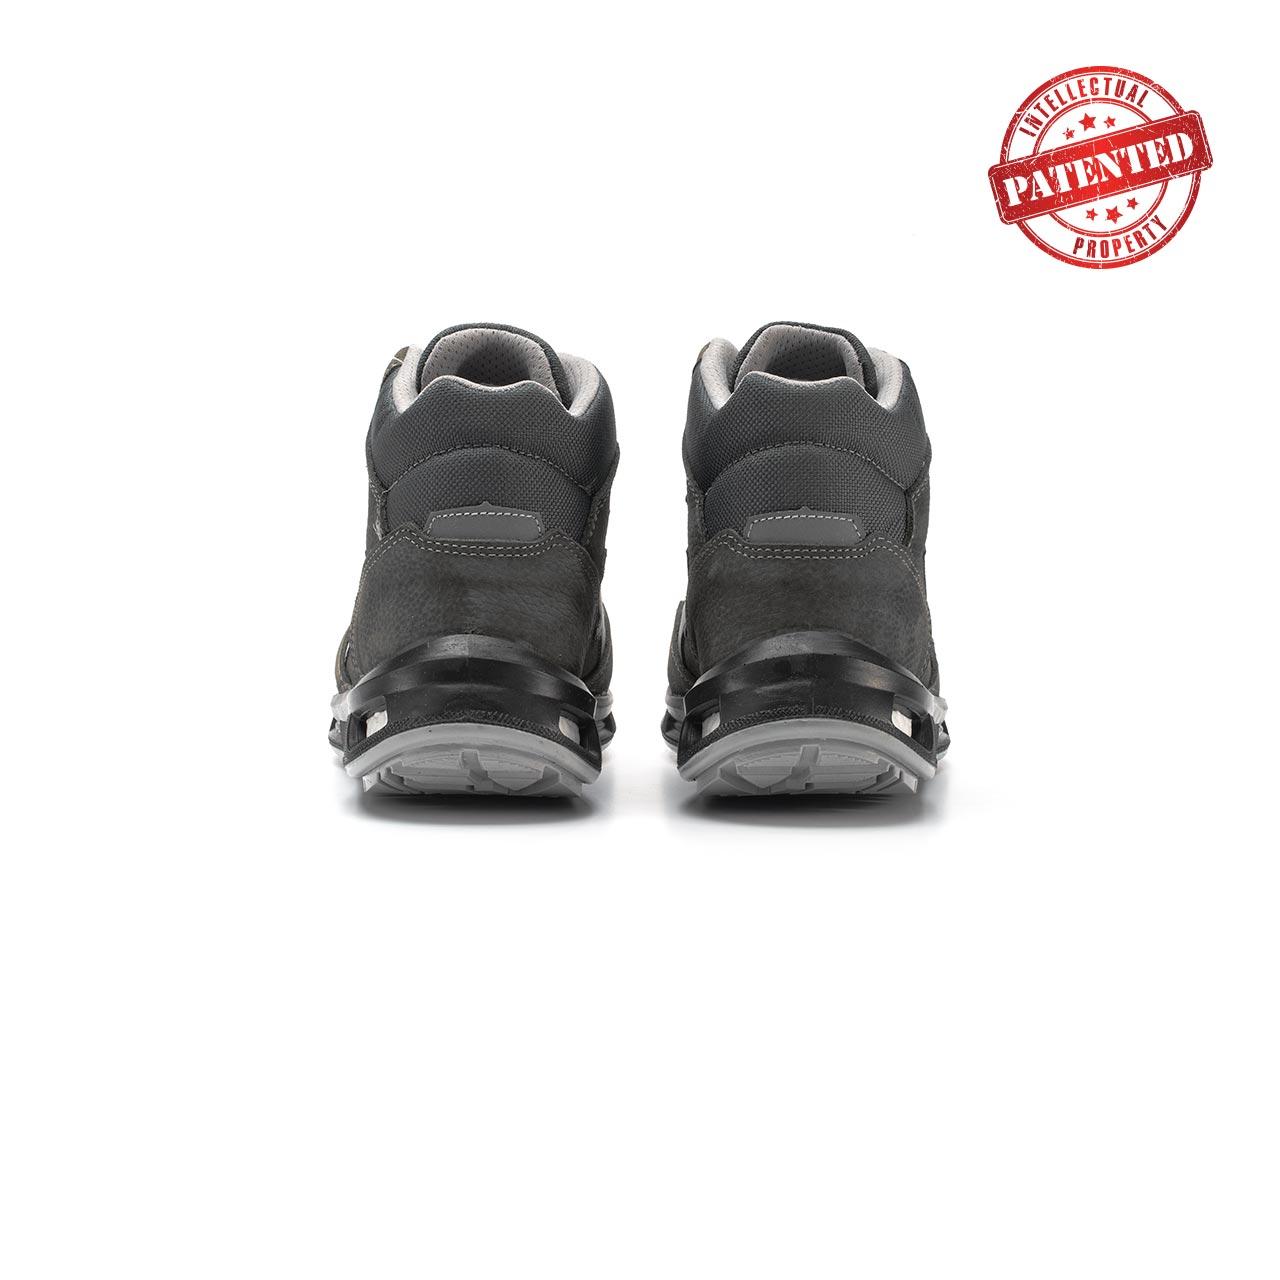 paio di scarpe antinfortunistiche alte upower modello infinity linea redlion vista retro